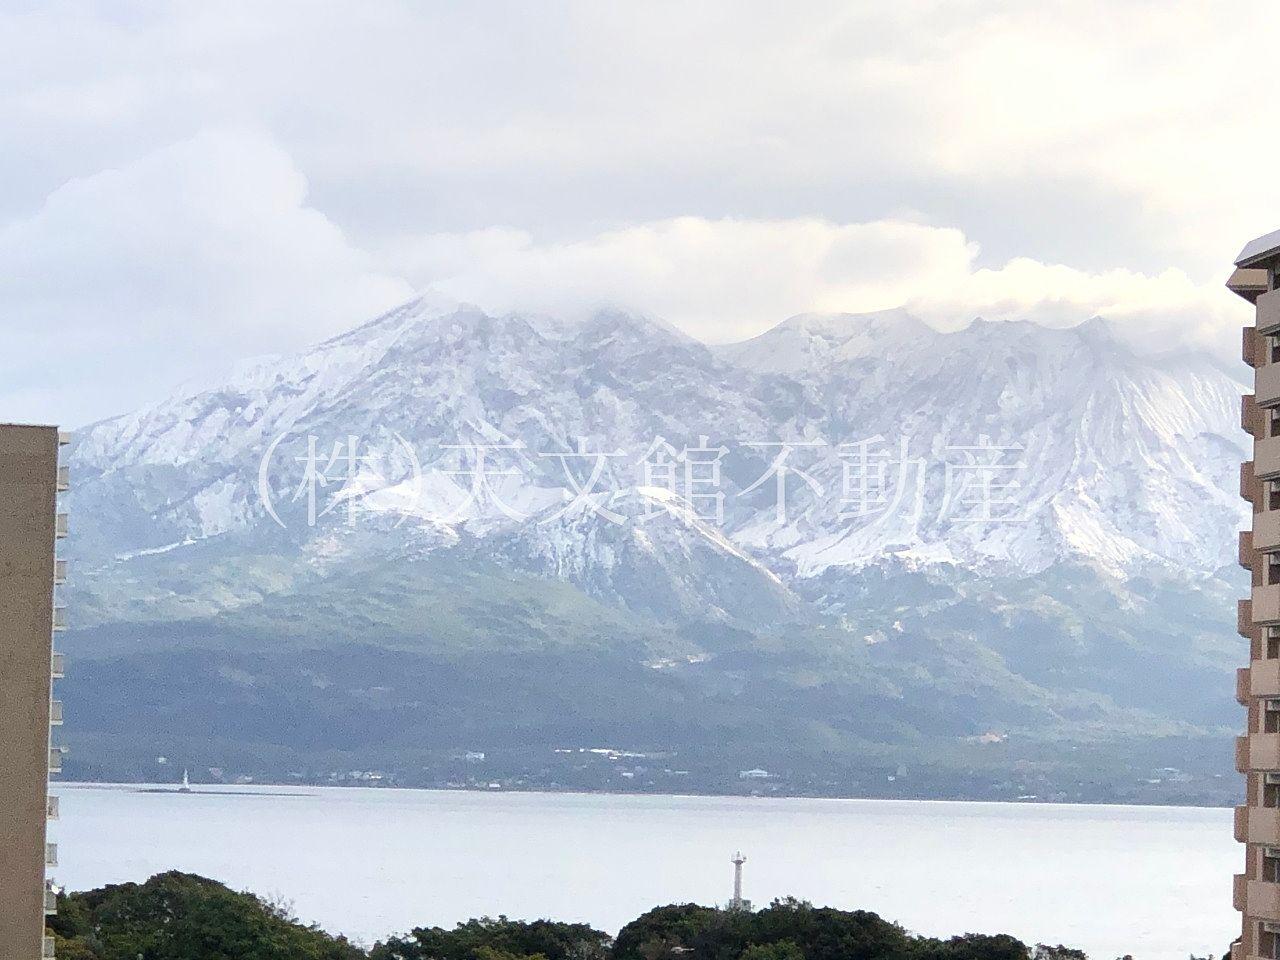 鹿児島の桜島は初冠雪で雪でで覆われていました。